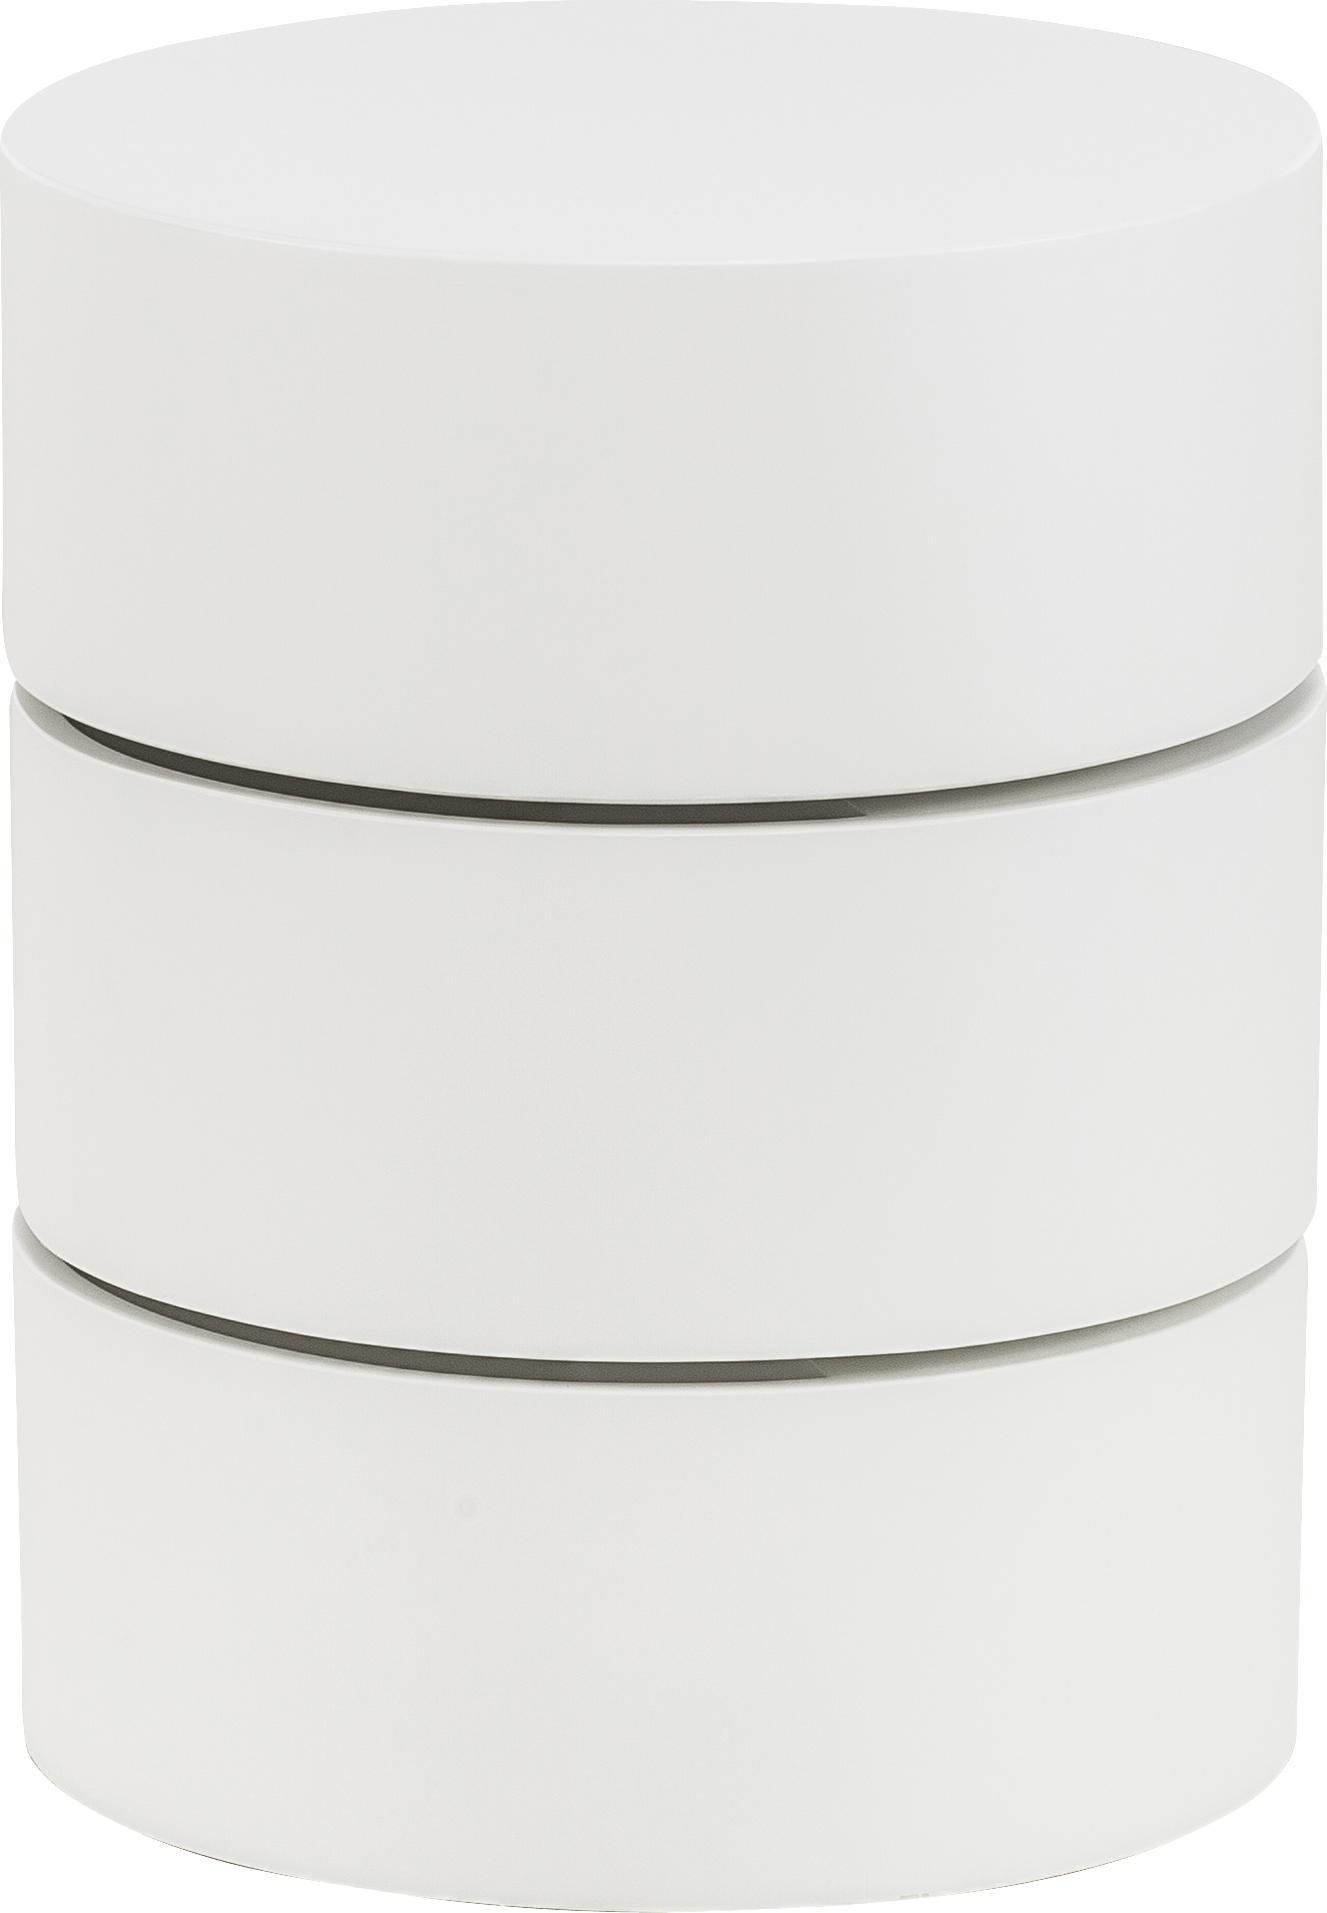 Tavolino con cassetti Loka, Pannello di fibra a media densità, verniciato, Bianco, Ø 40 x Alt. 51 cm